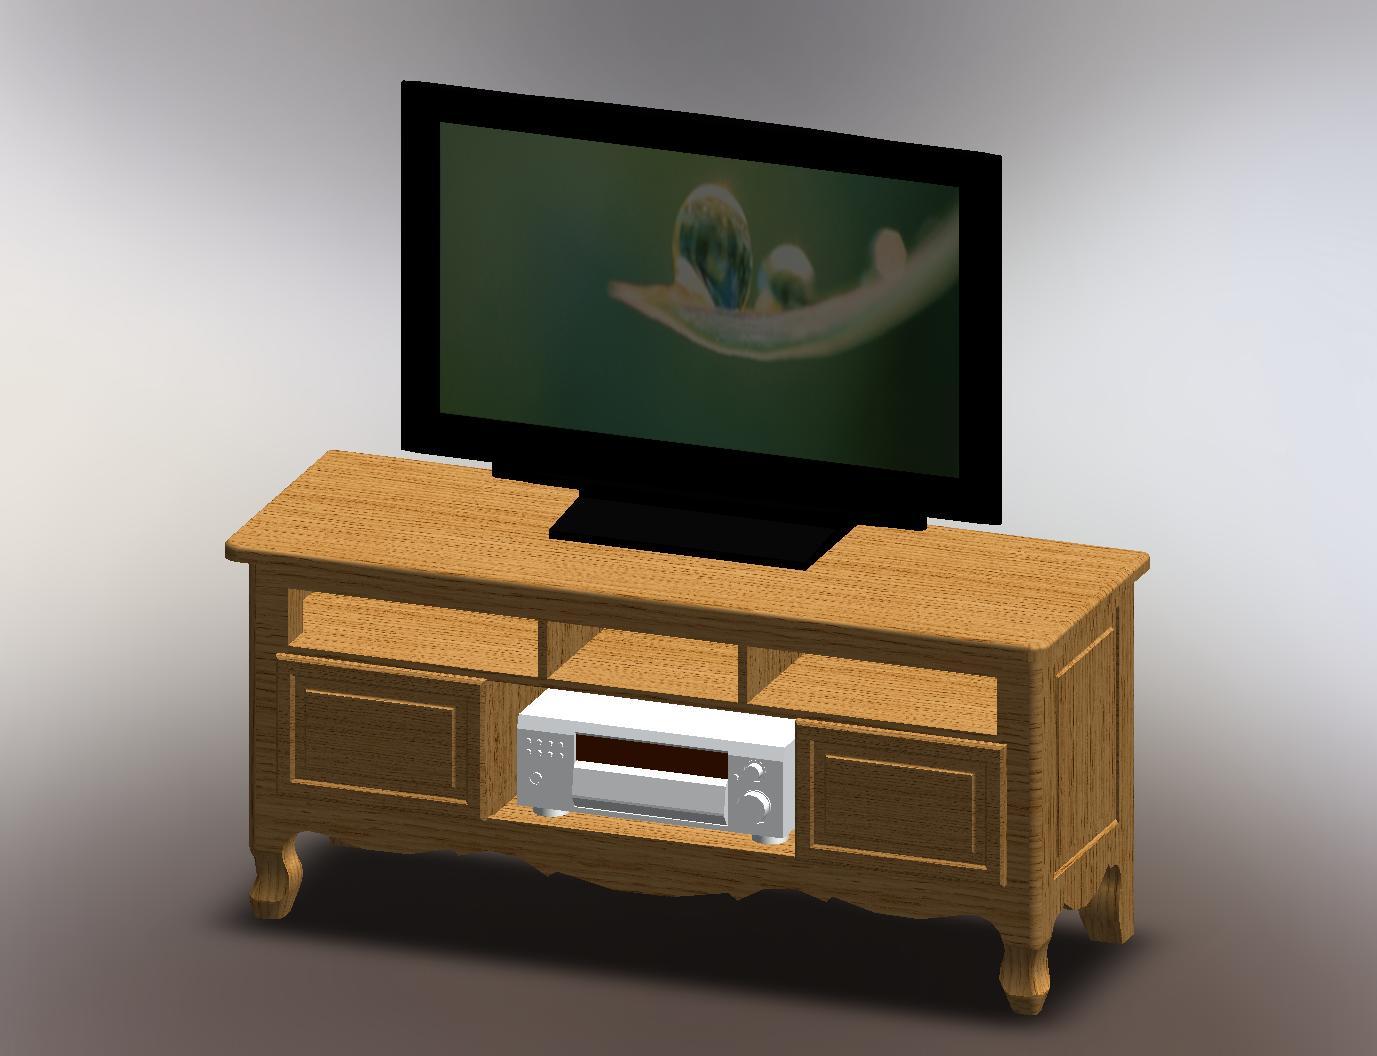 lcd panasonic s rie lzd81 infos en premi re page topic unique page 7 t l viseur. Black Bedroom Furniture Sets. Home Design Ideas